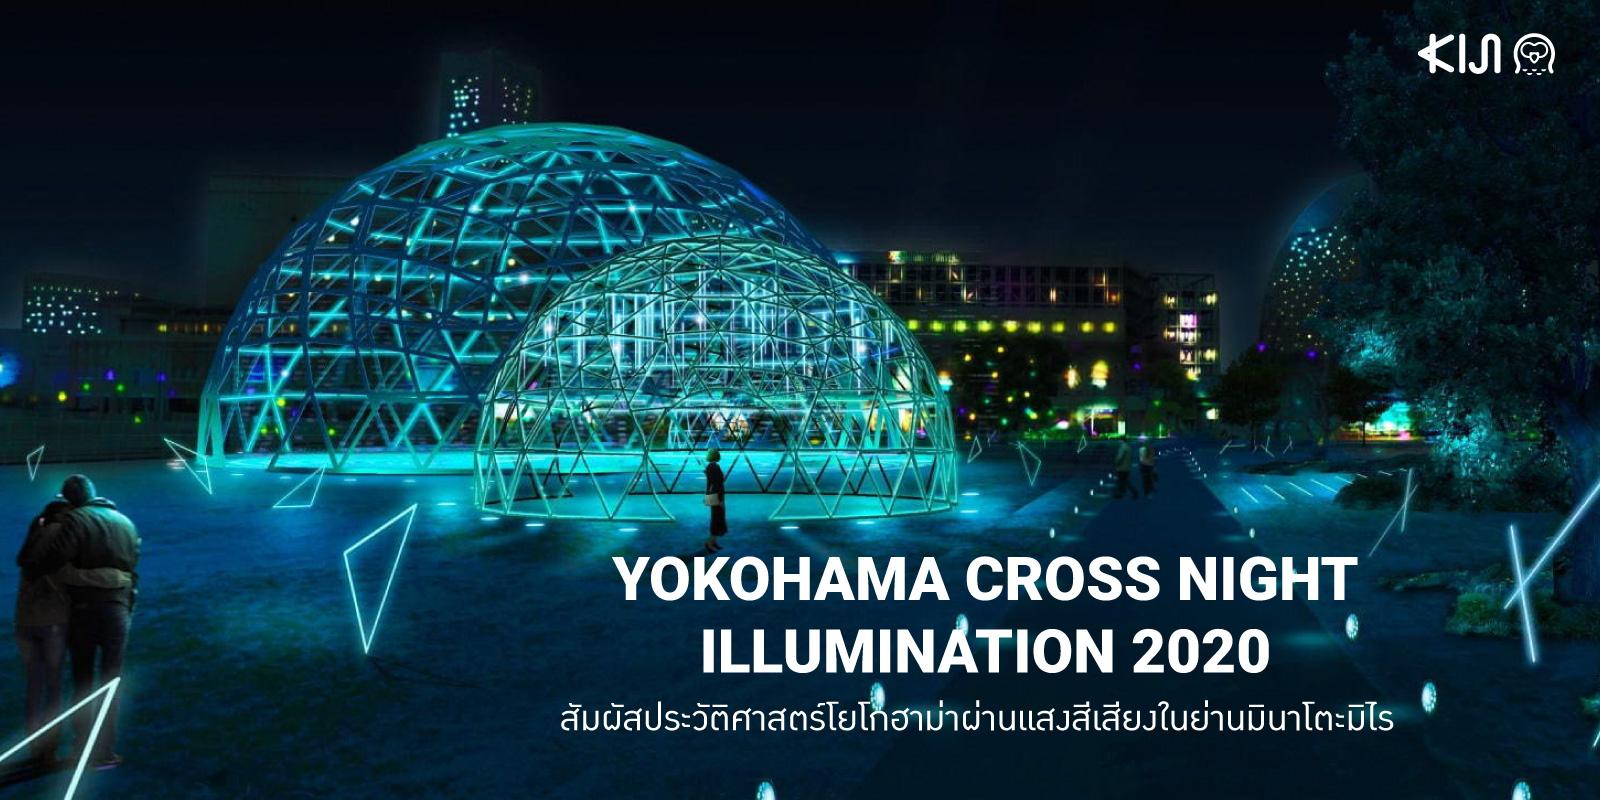 งานเทศกาลไฟประดับ YOKOHAMA CROSS NIGHT ILLUMINATION ถูกจัดขึ้นอย่างยิ่งใหญ่ที่สวน Shinko Central Square